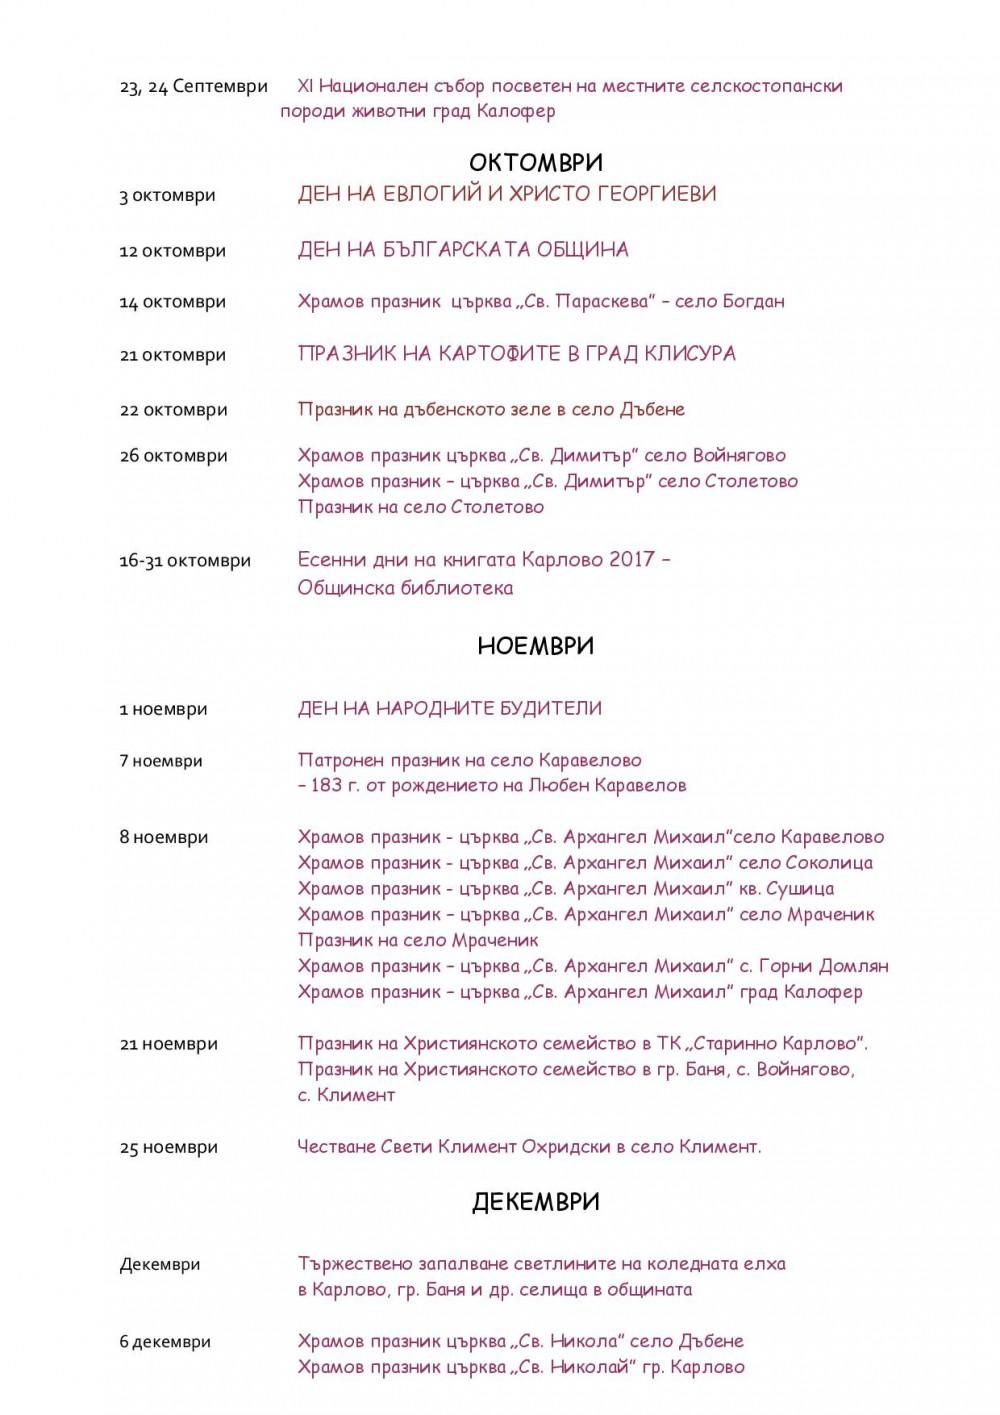 Kulturen kalendar 2017107